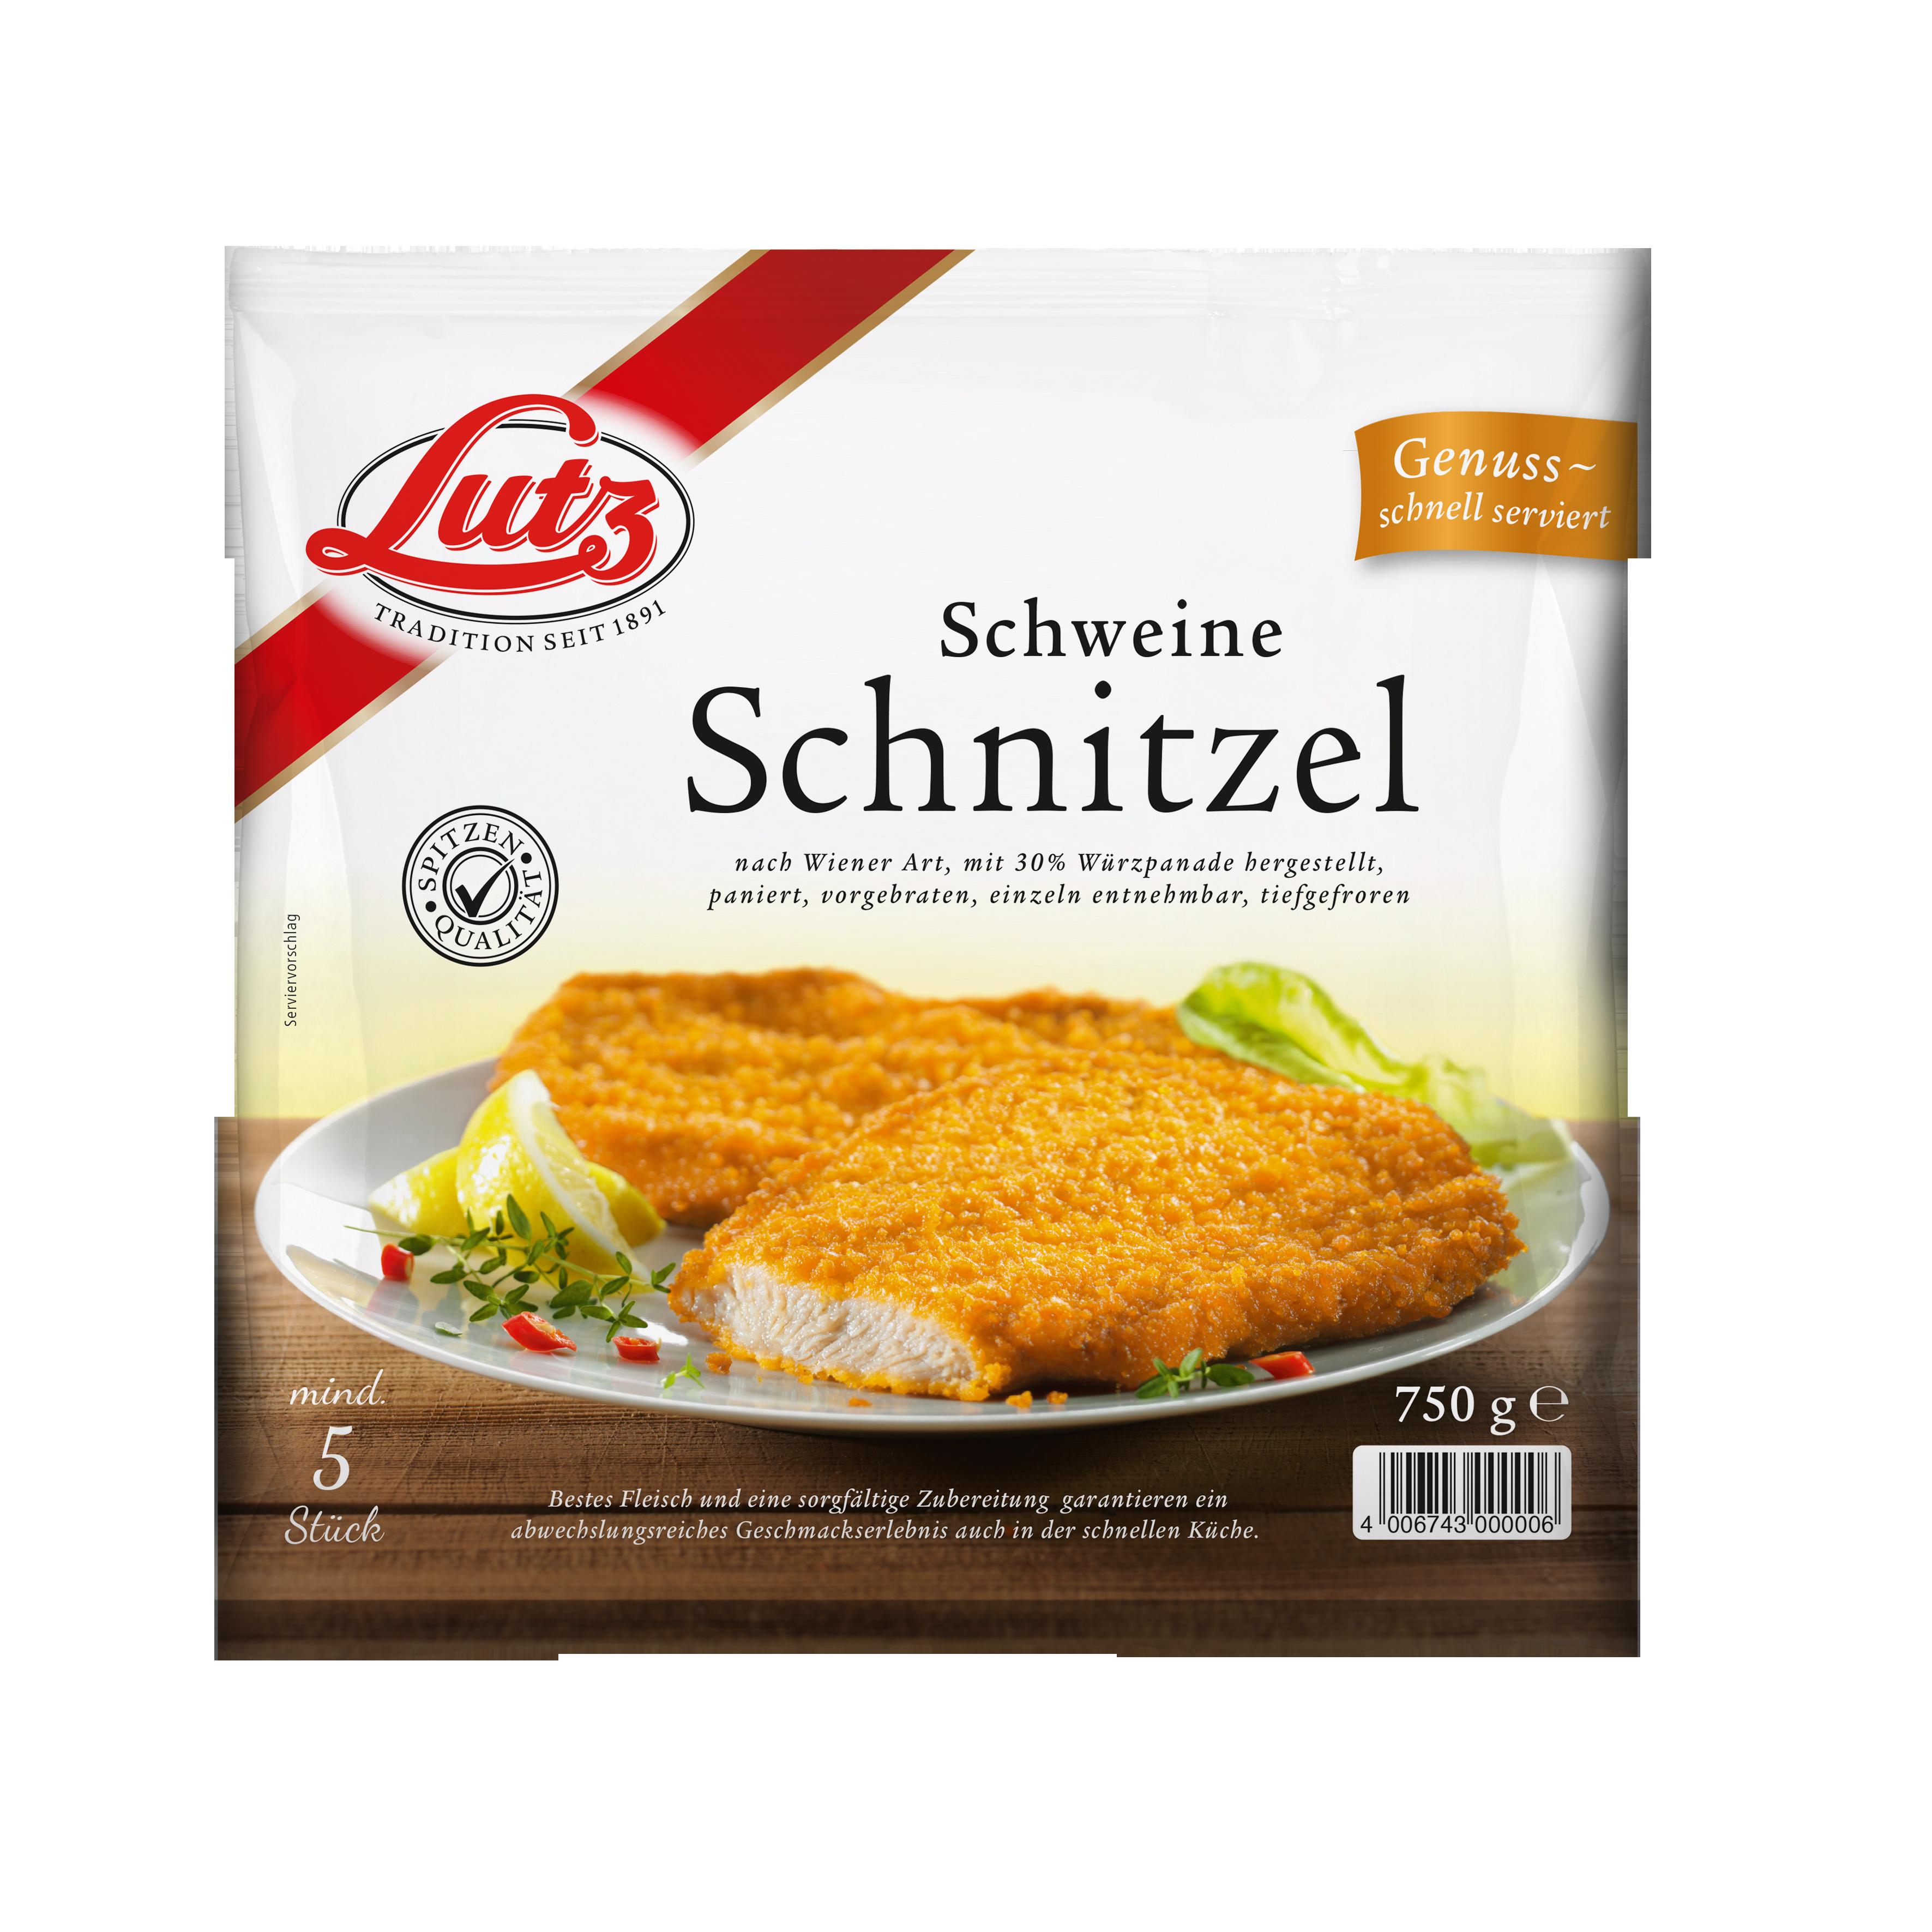 TK_Tuete_Schweineschnitzel